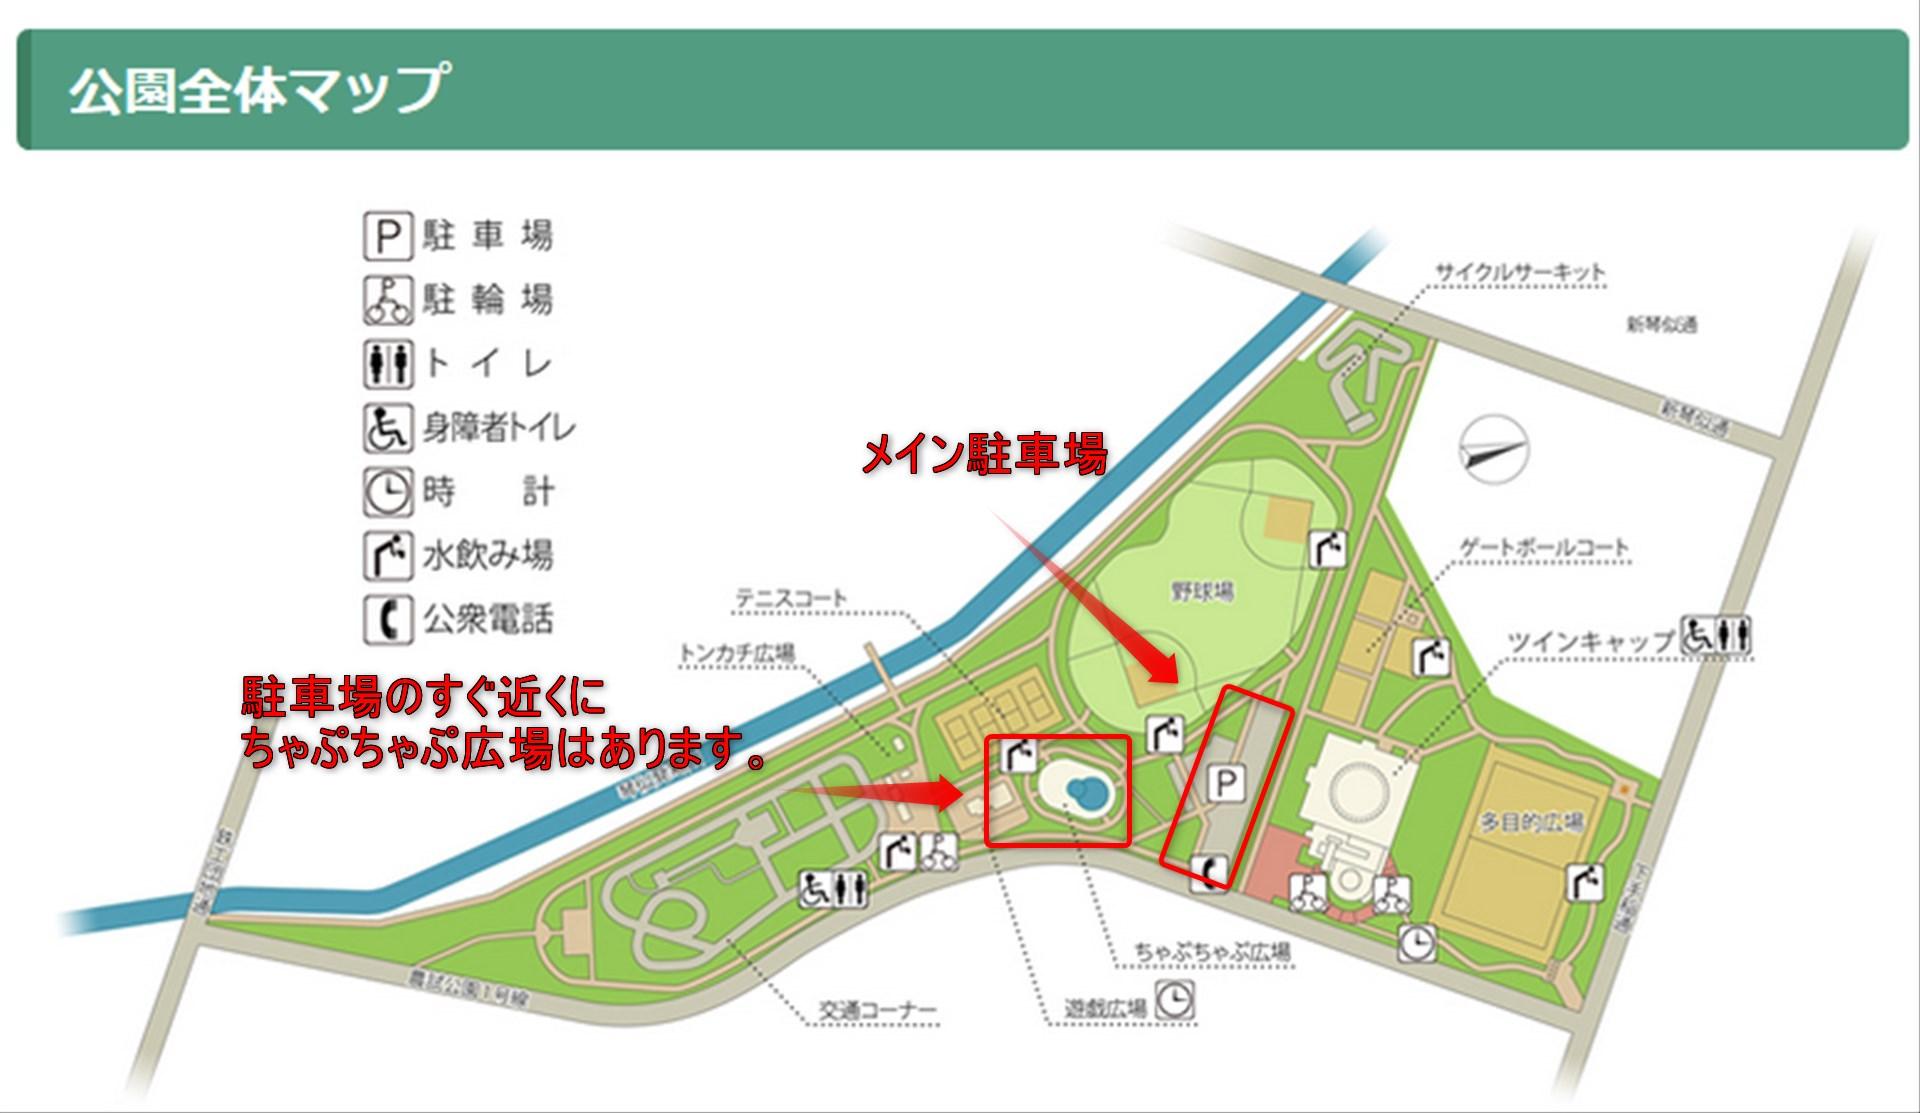 農試公園マップ。